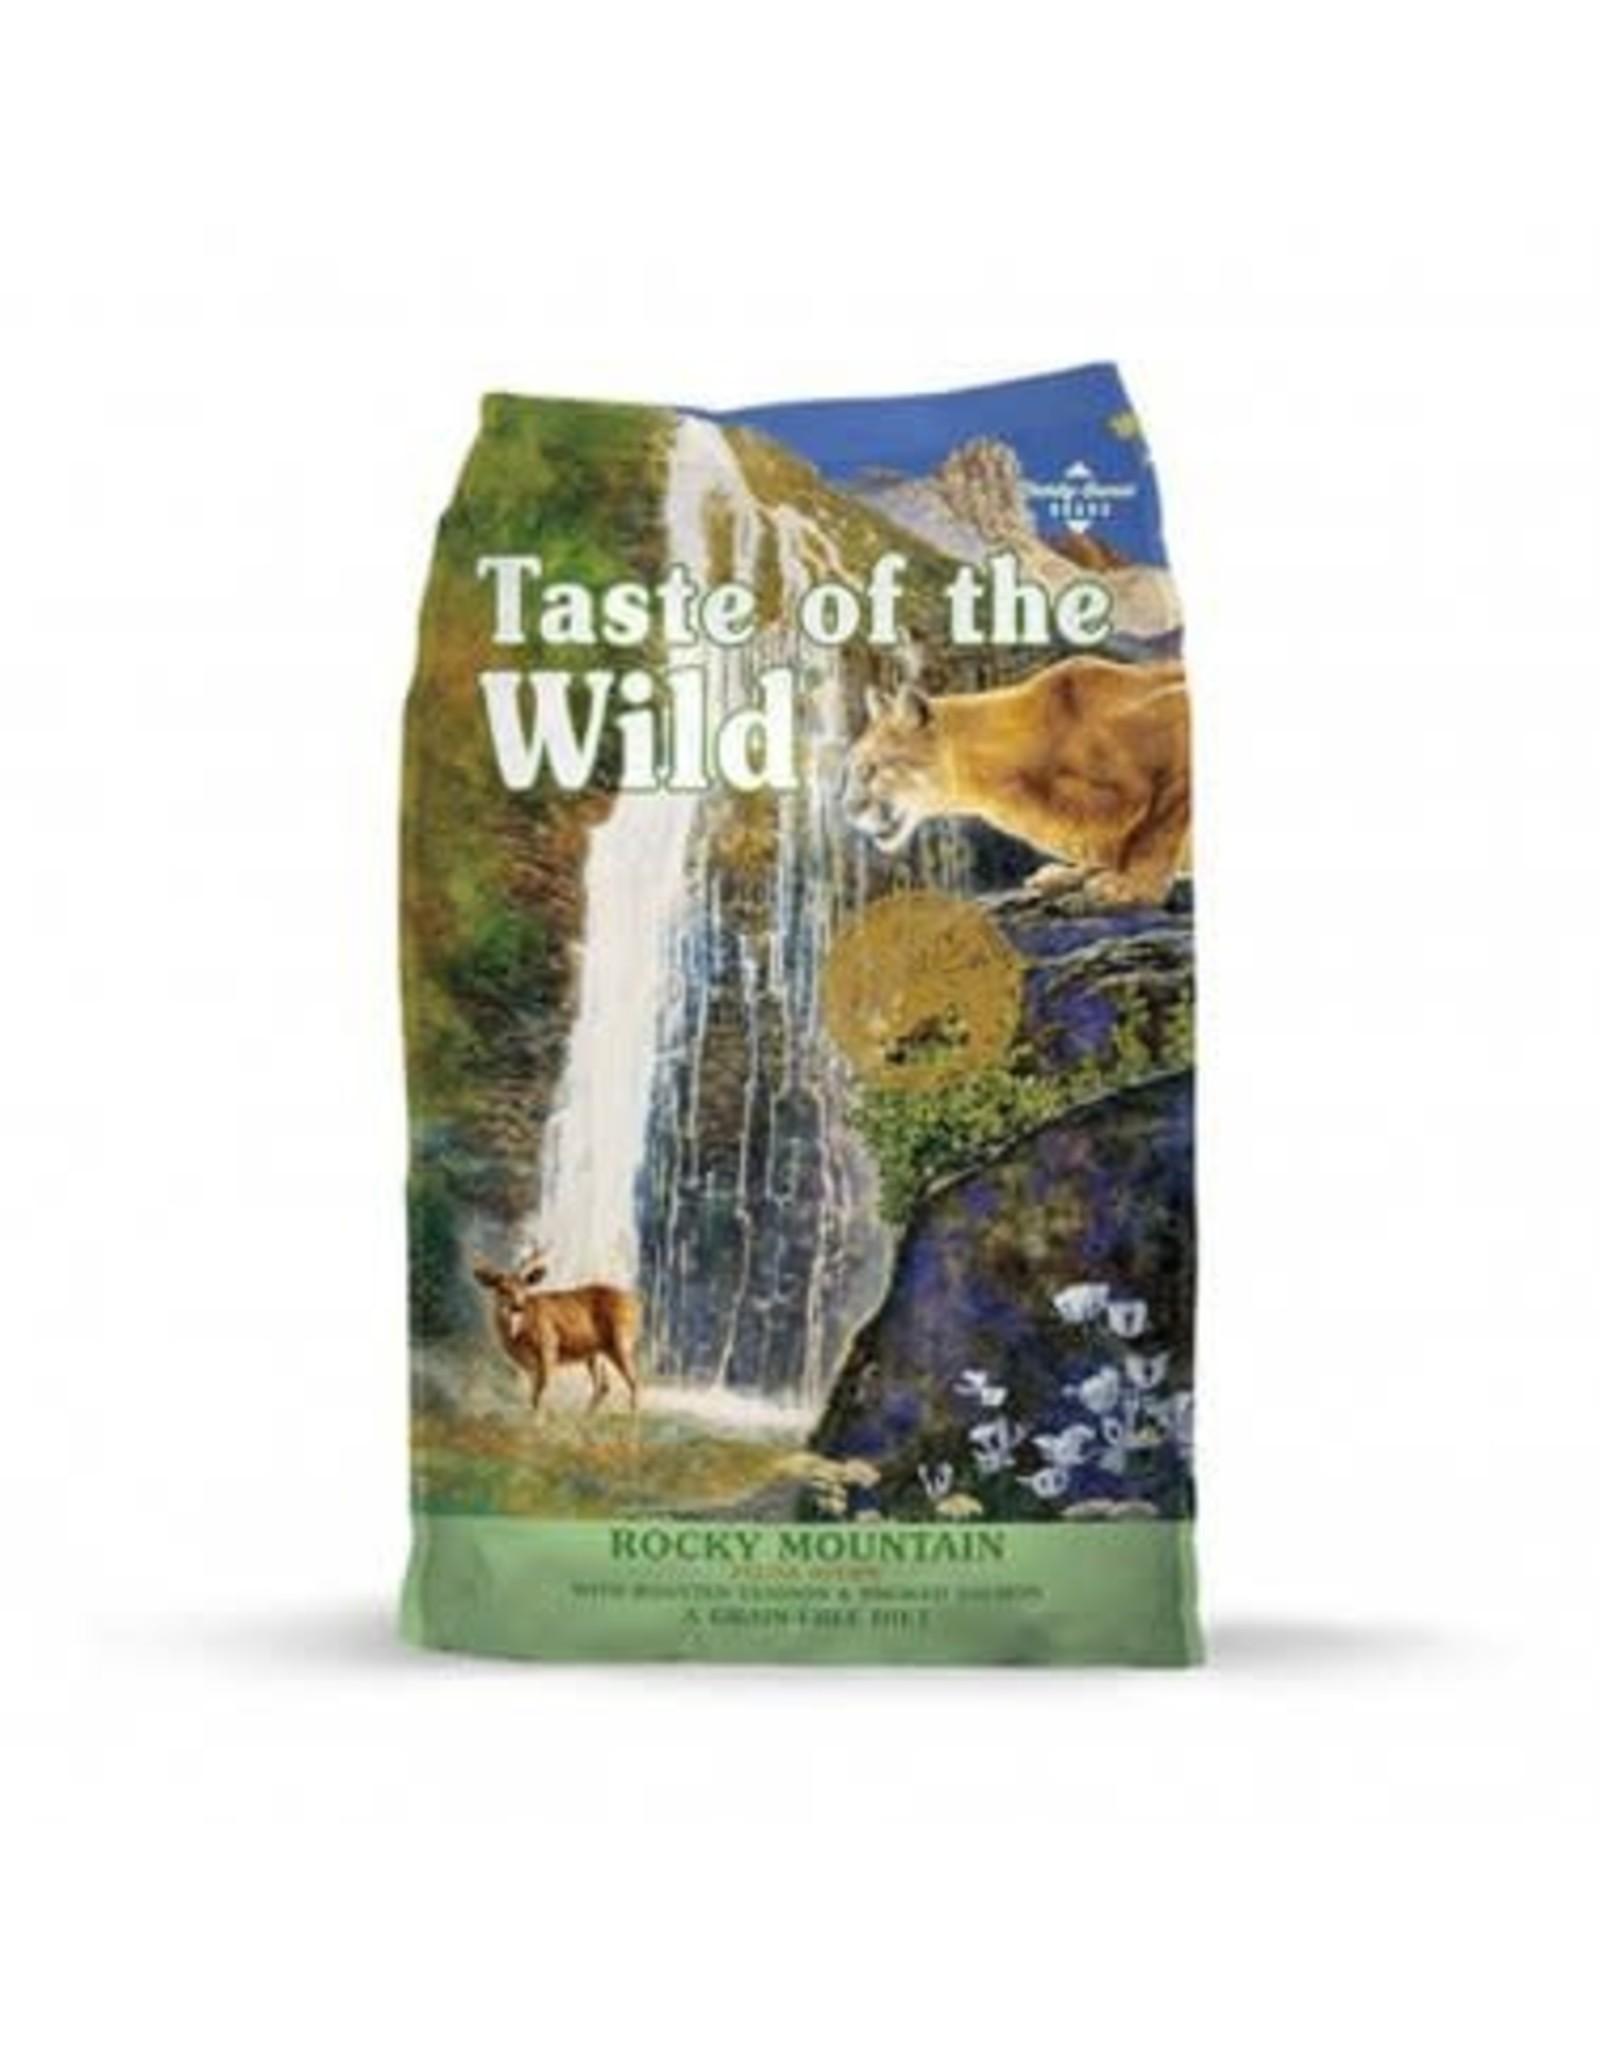 Taste of the Wild Taste of the Wild Rocky Mountain Feline Recipe w/Roasted Venison & Smoked Salmon